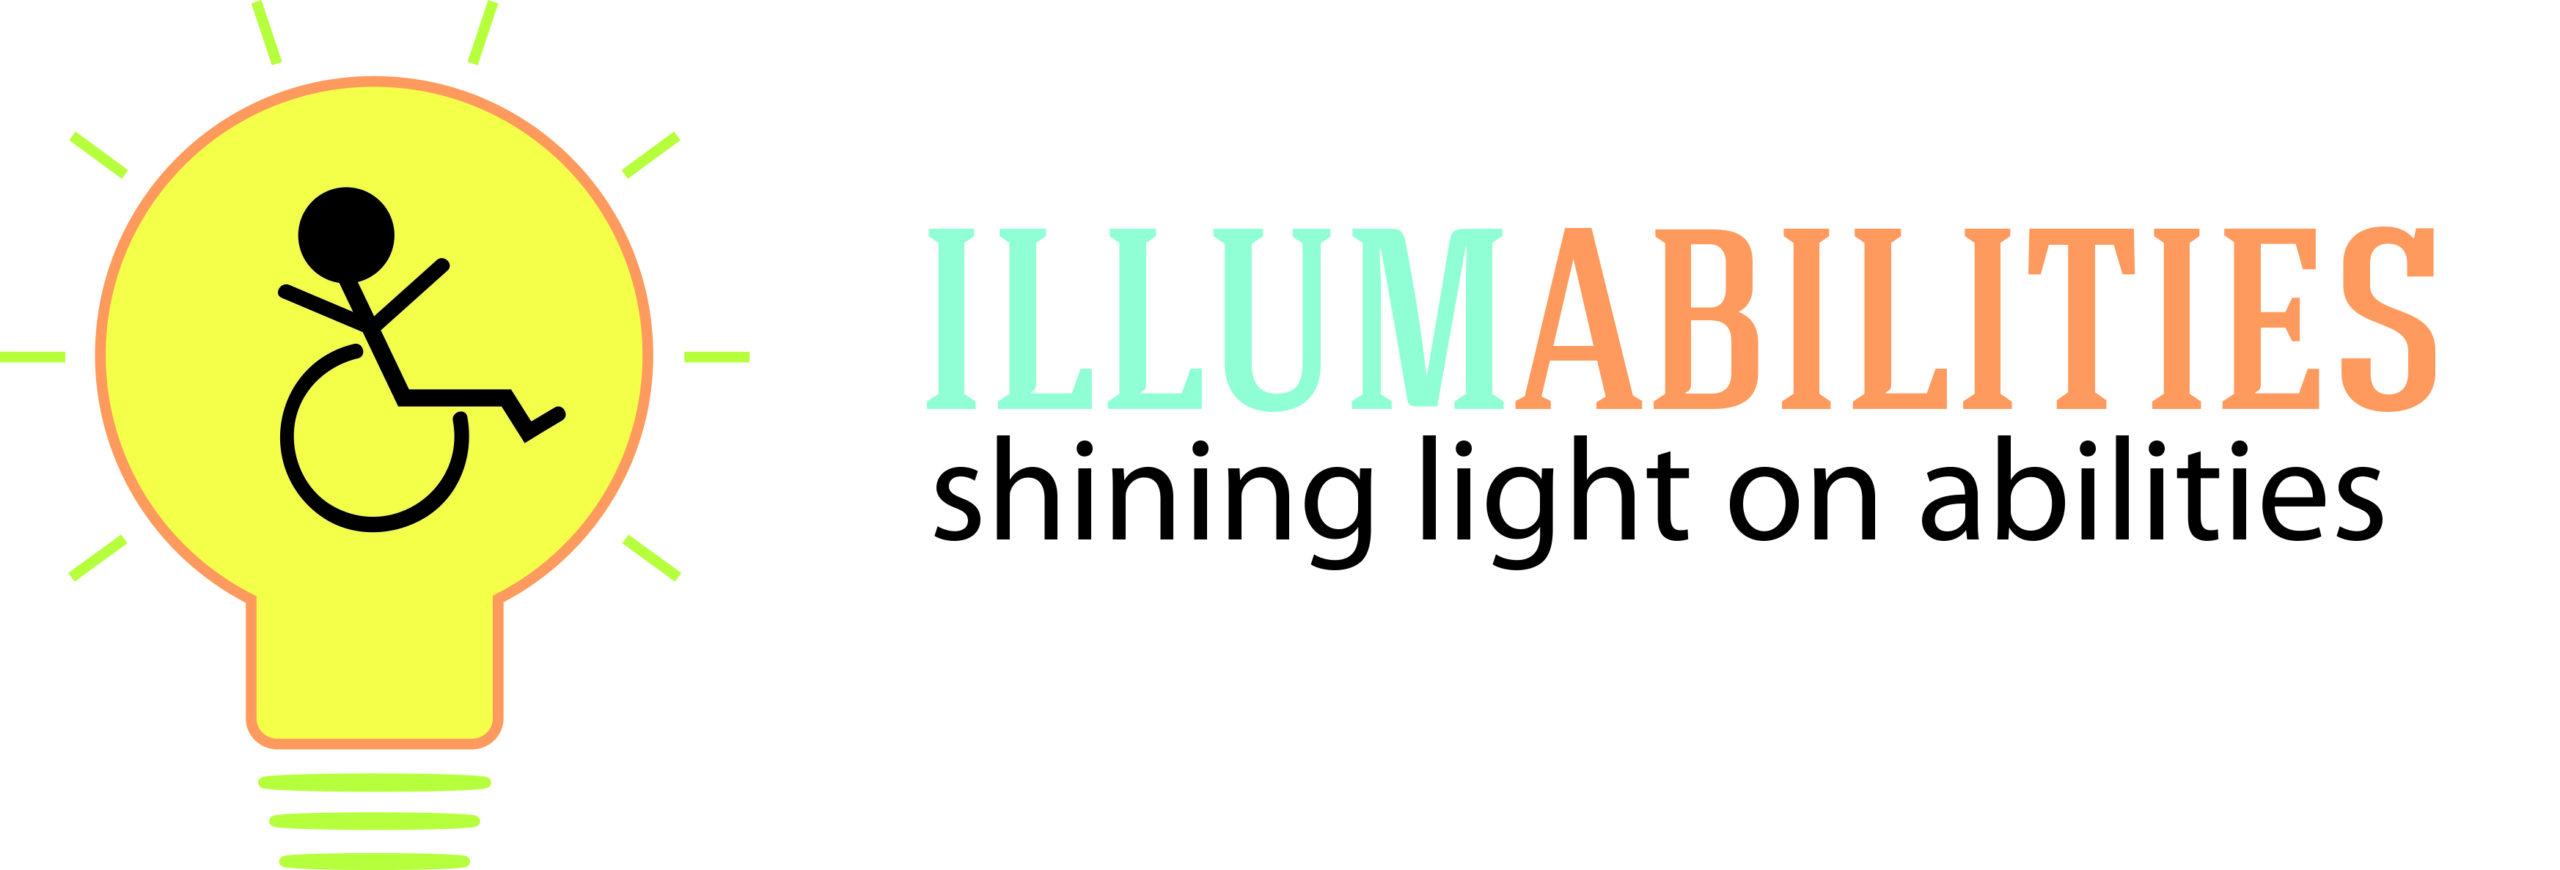 Illumabilities - Shining Light on Abilities.